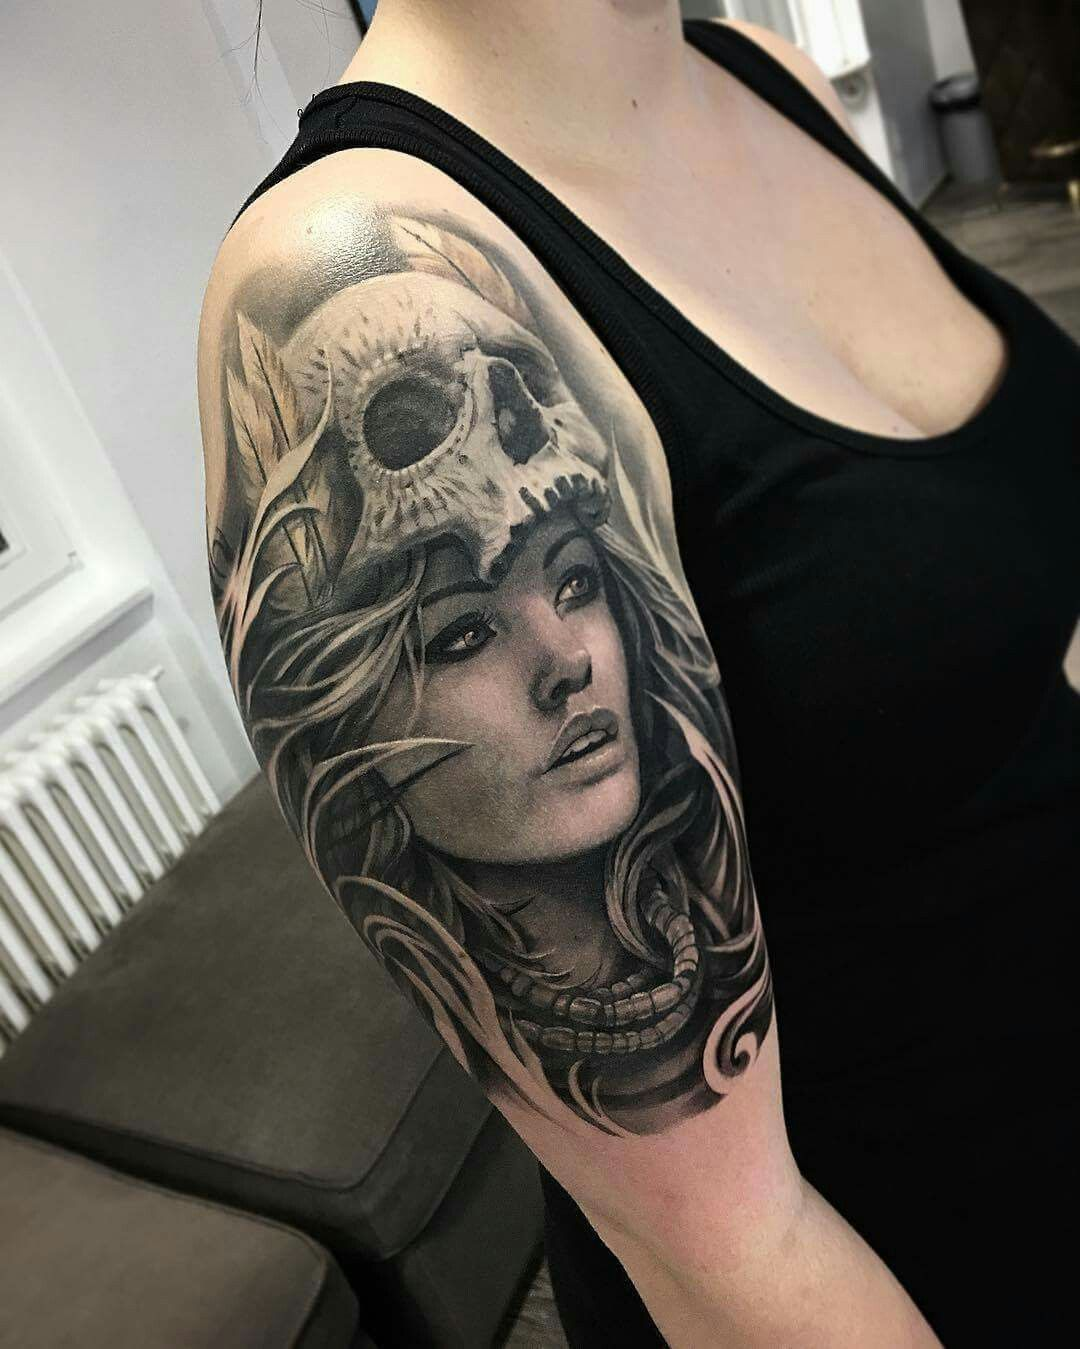 Pin by kubíík veteška on j pinterest tattoo tattoo designs and